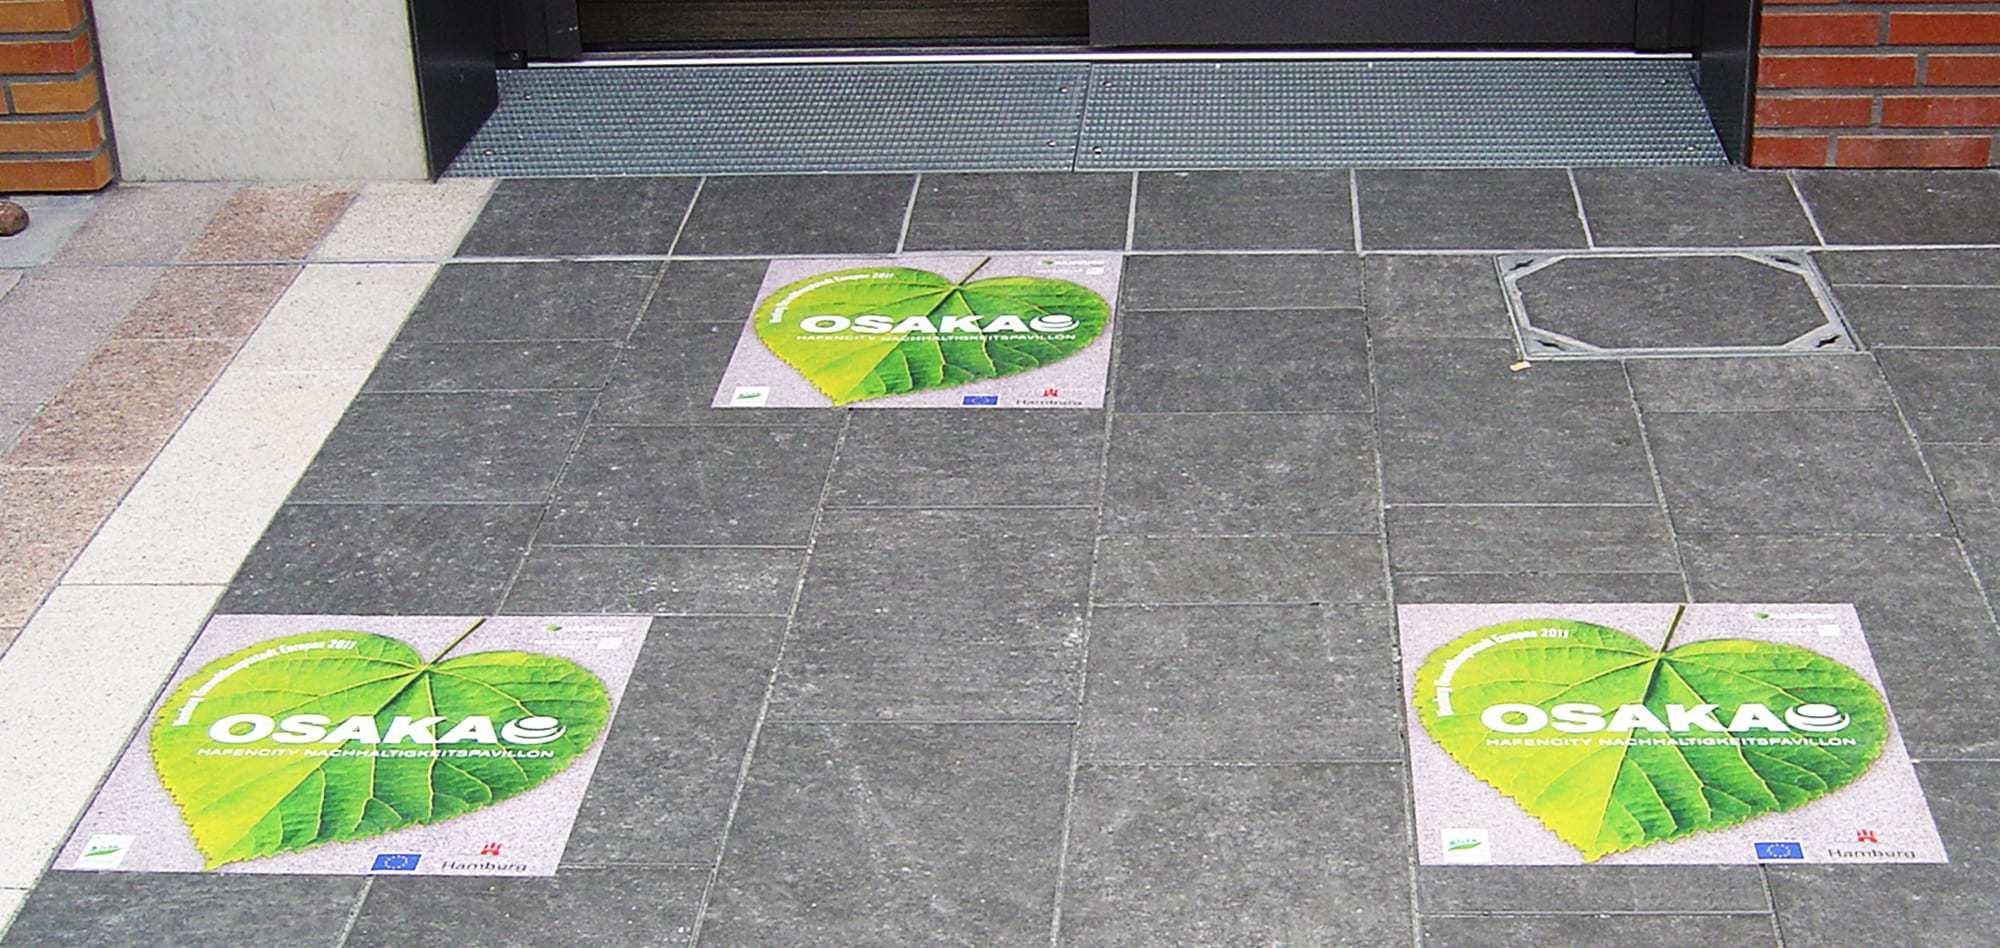 Fussbodenfolien mit zertifizierten Schutzlaminaten von Vorteil Werbung aus Hamburg.